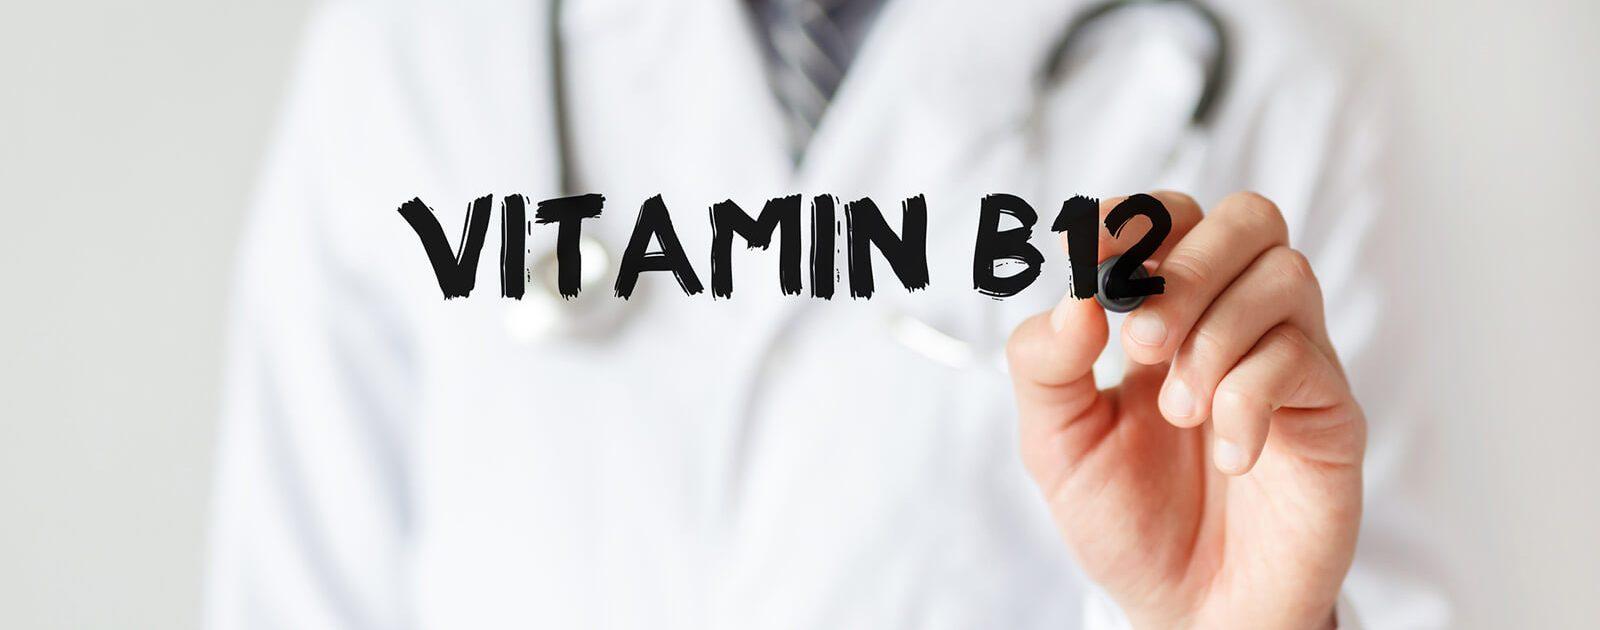 Ein Arzt klärt über die Aufgaben von Vitamin B12 und darüber, wie hoch der Tagesbedarf ist, auf.